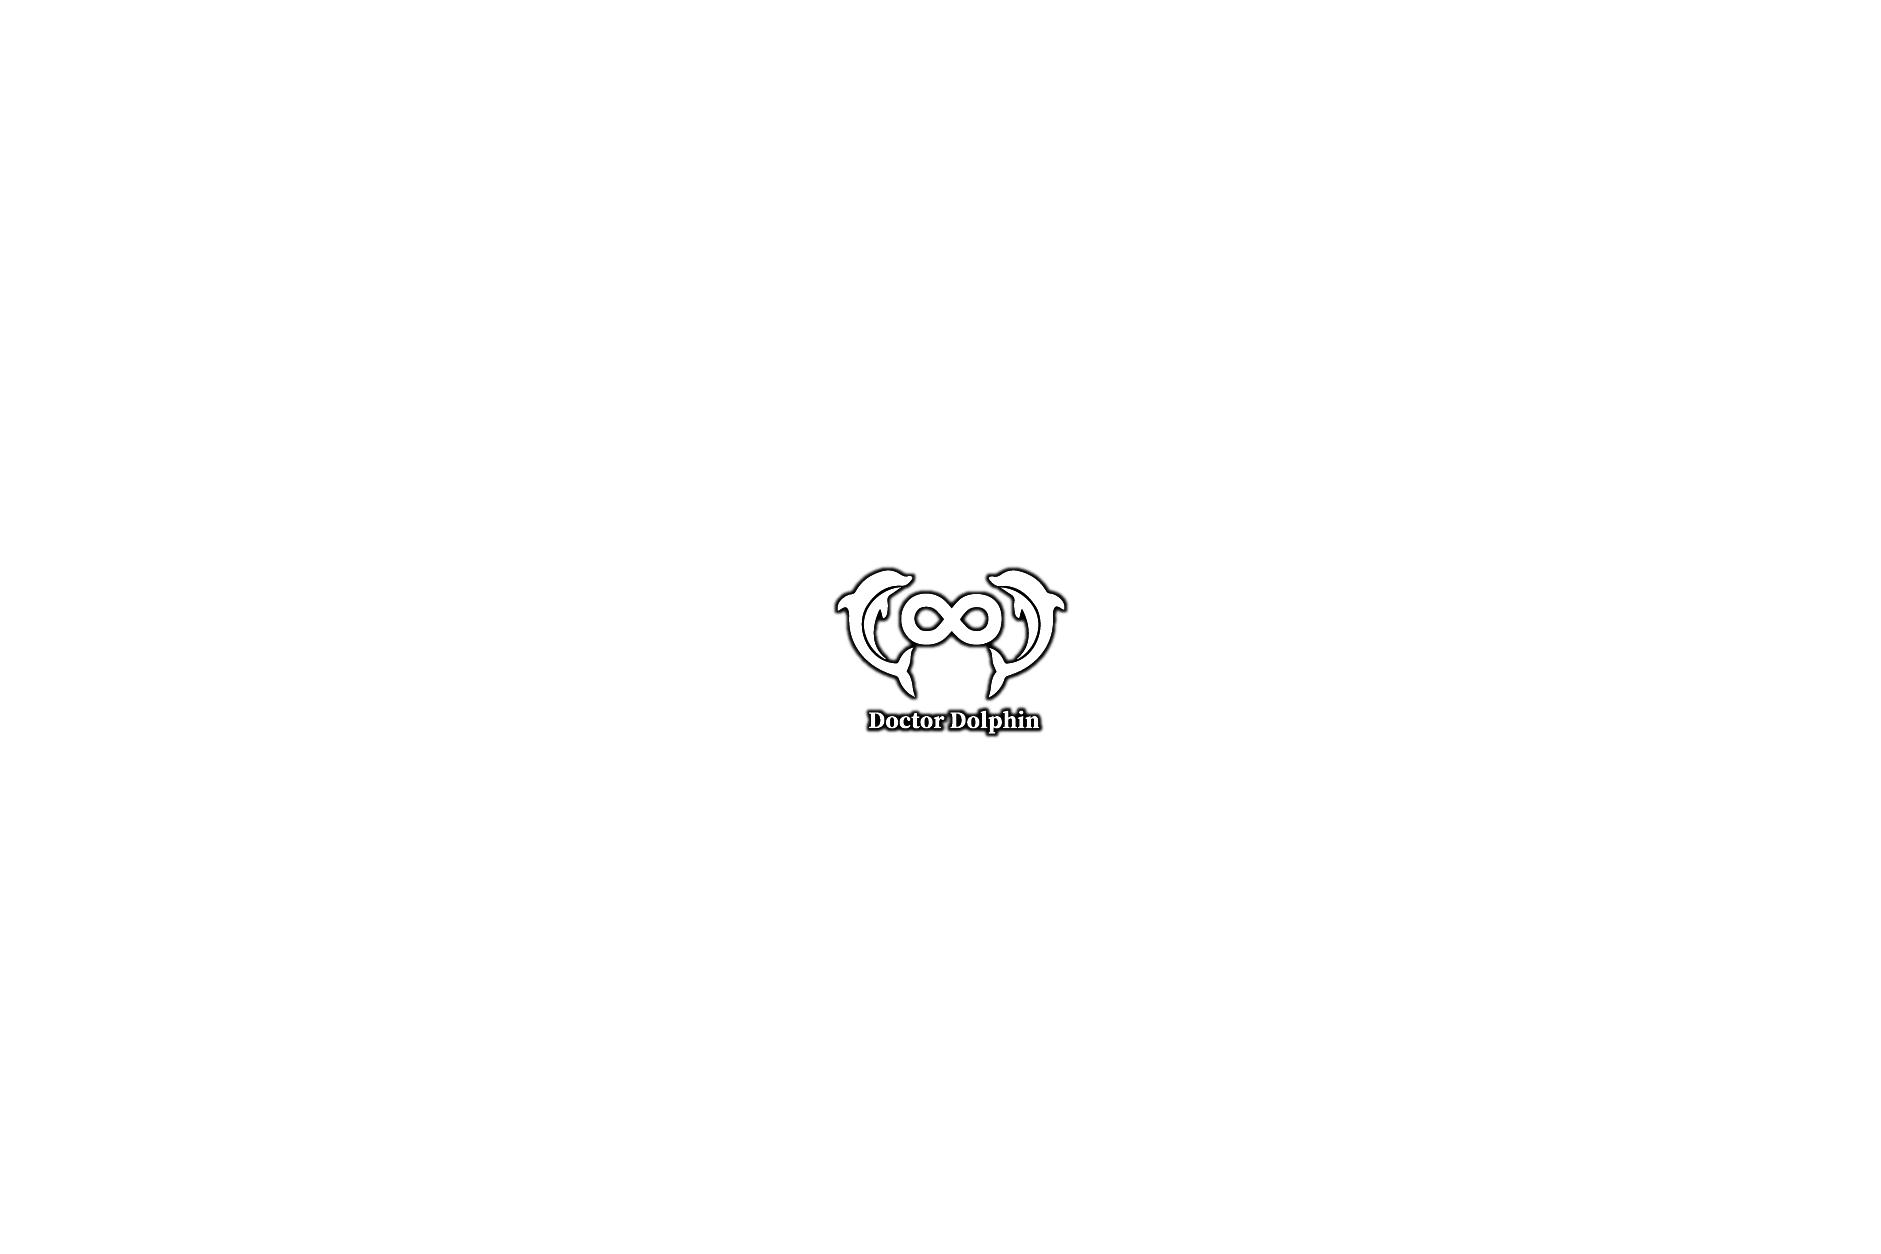 新型コロナウィルス 恐怖を愛に♡ ドクタードルフィン 人類救済・次元上昇オンライン講演会